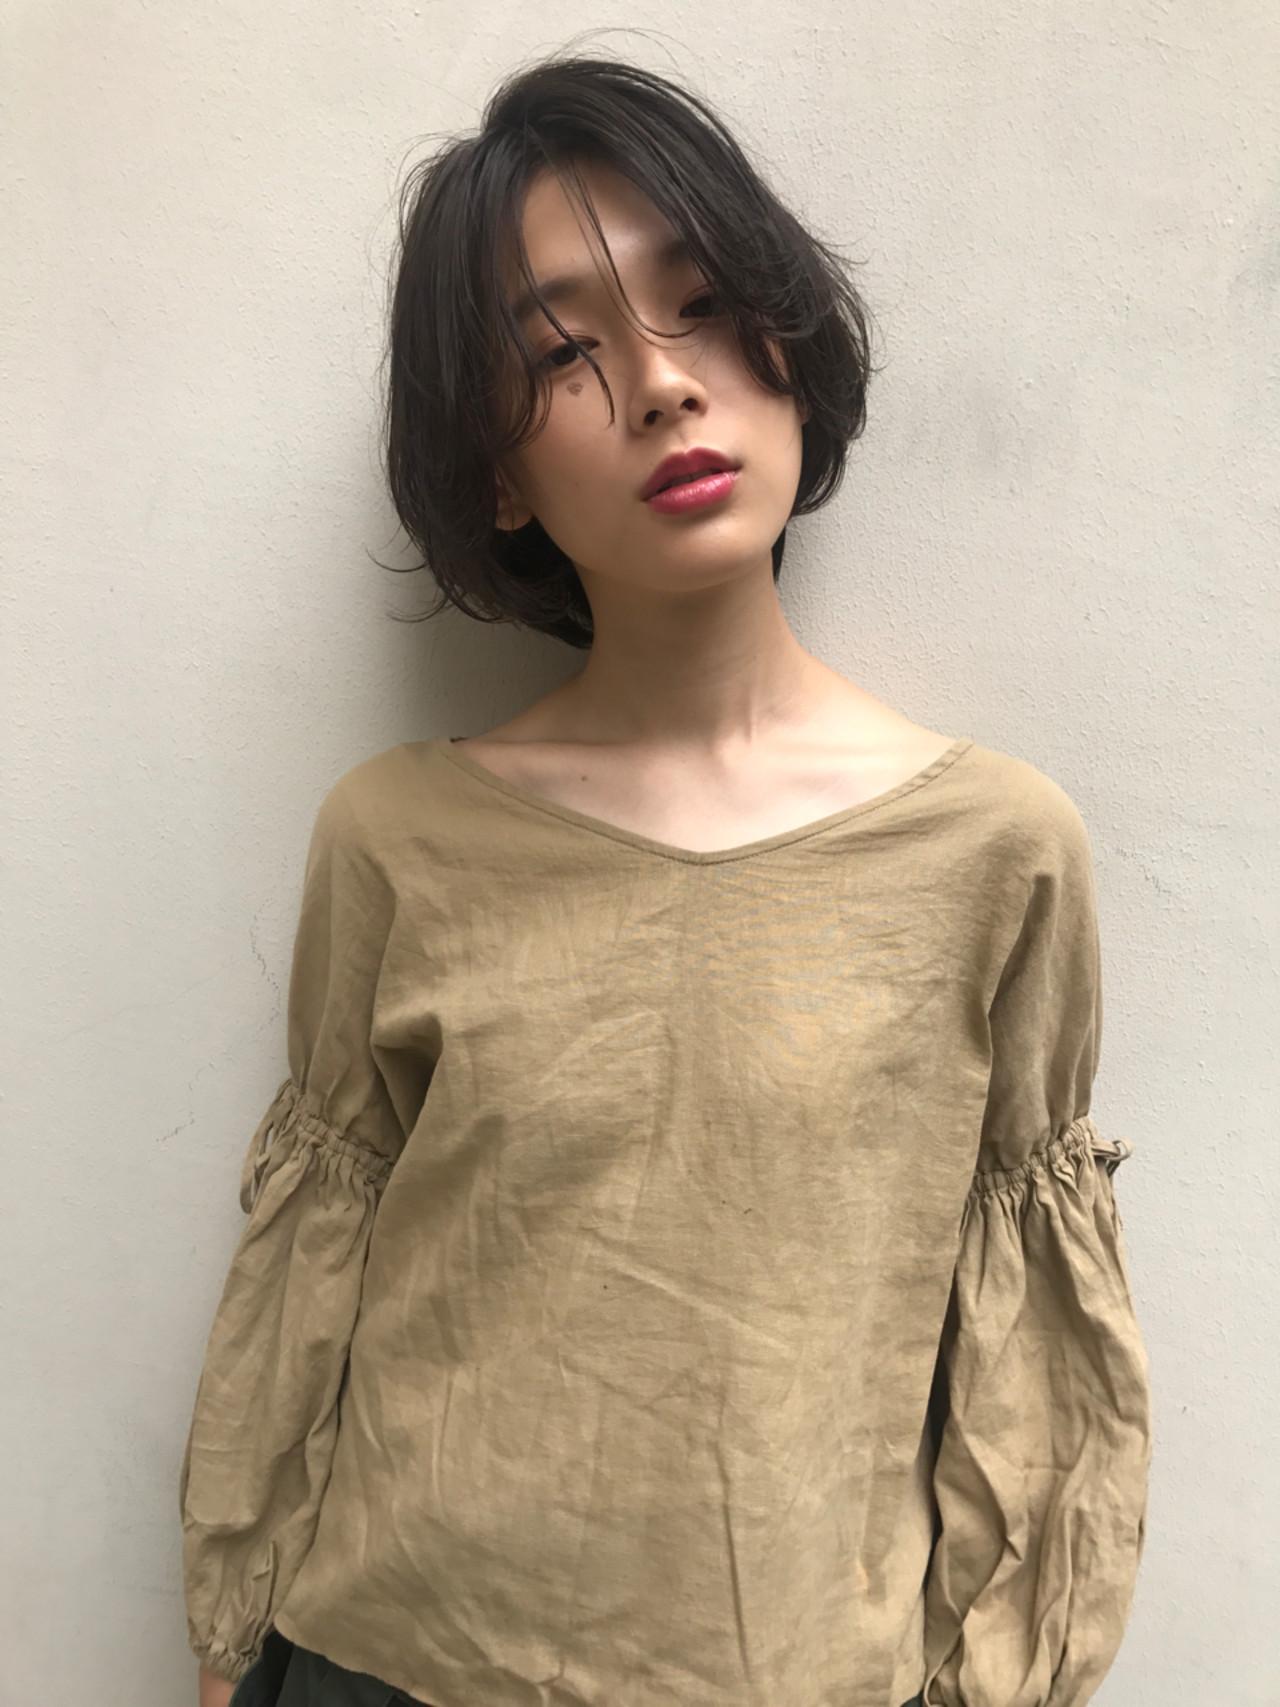 かっこいい 小顔 ナチュラル ショートボブ ヘアスタイルや髪型の写真・画像 | 羽田ひろむ / LAiLY  by  GARDEN